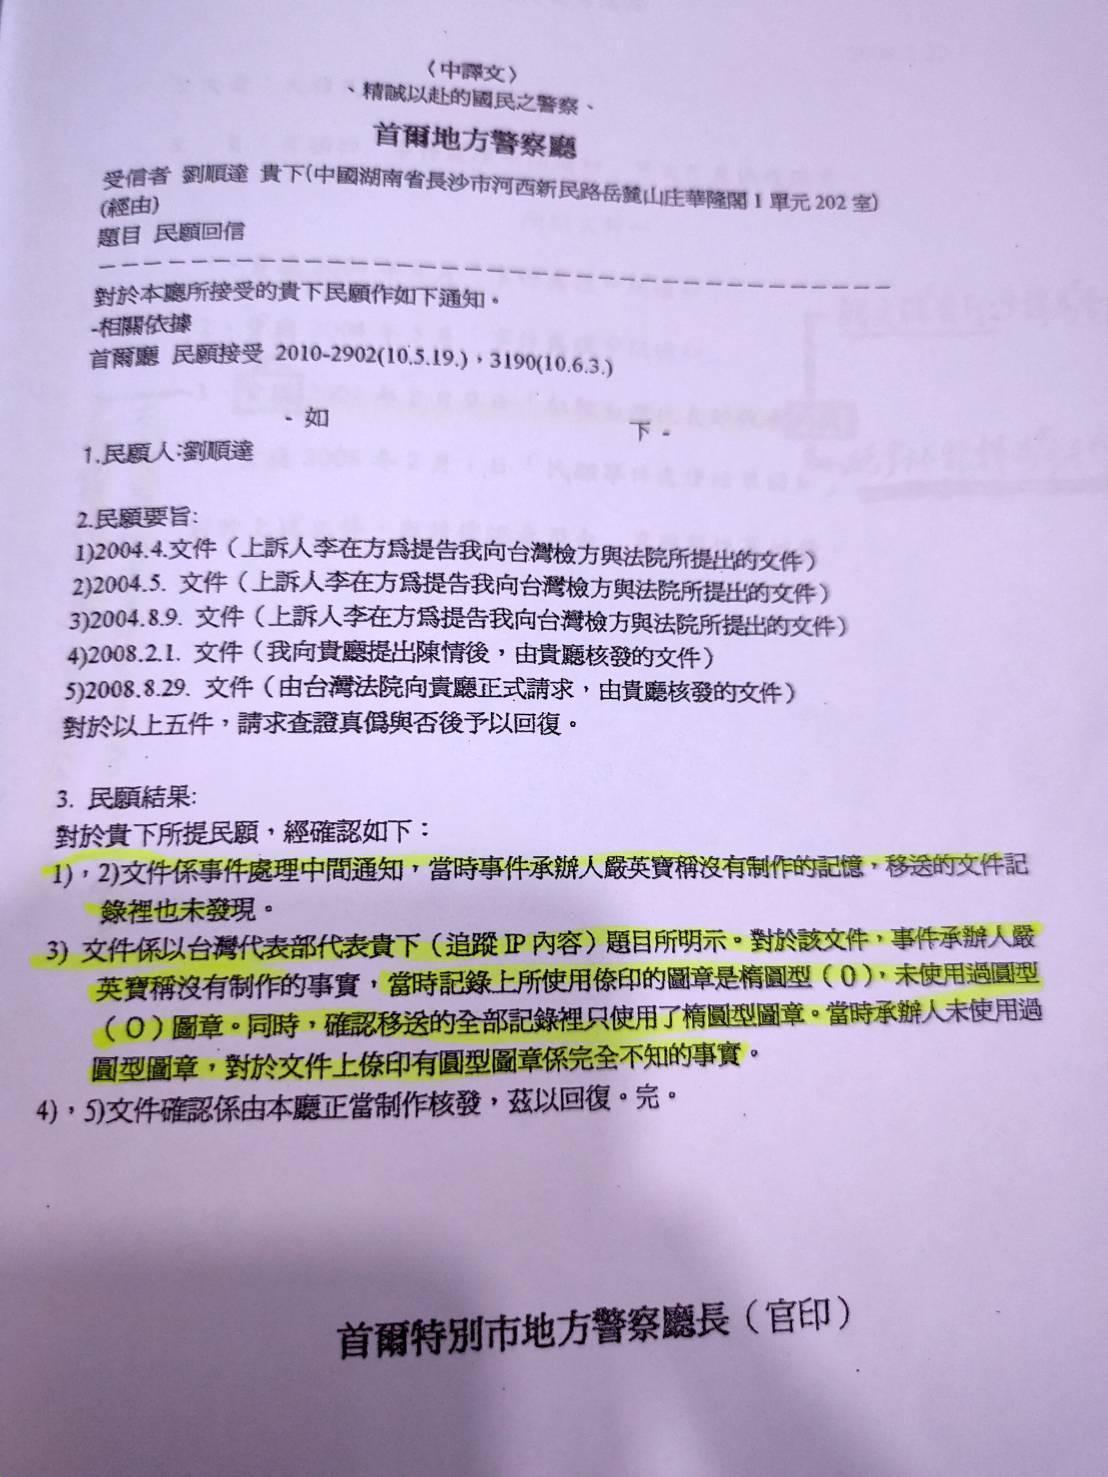 劉順達向首爾地方警察廳發函的中譯文,確認查無他犯法的證據。(讀者提供)